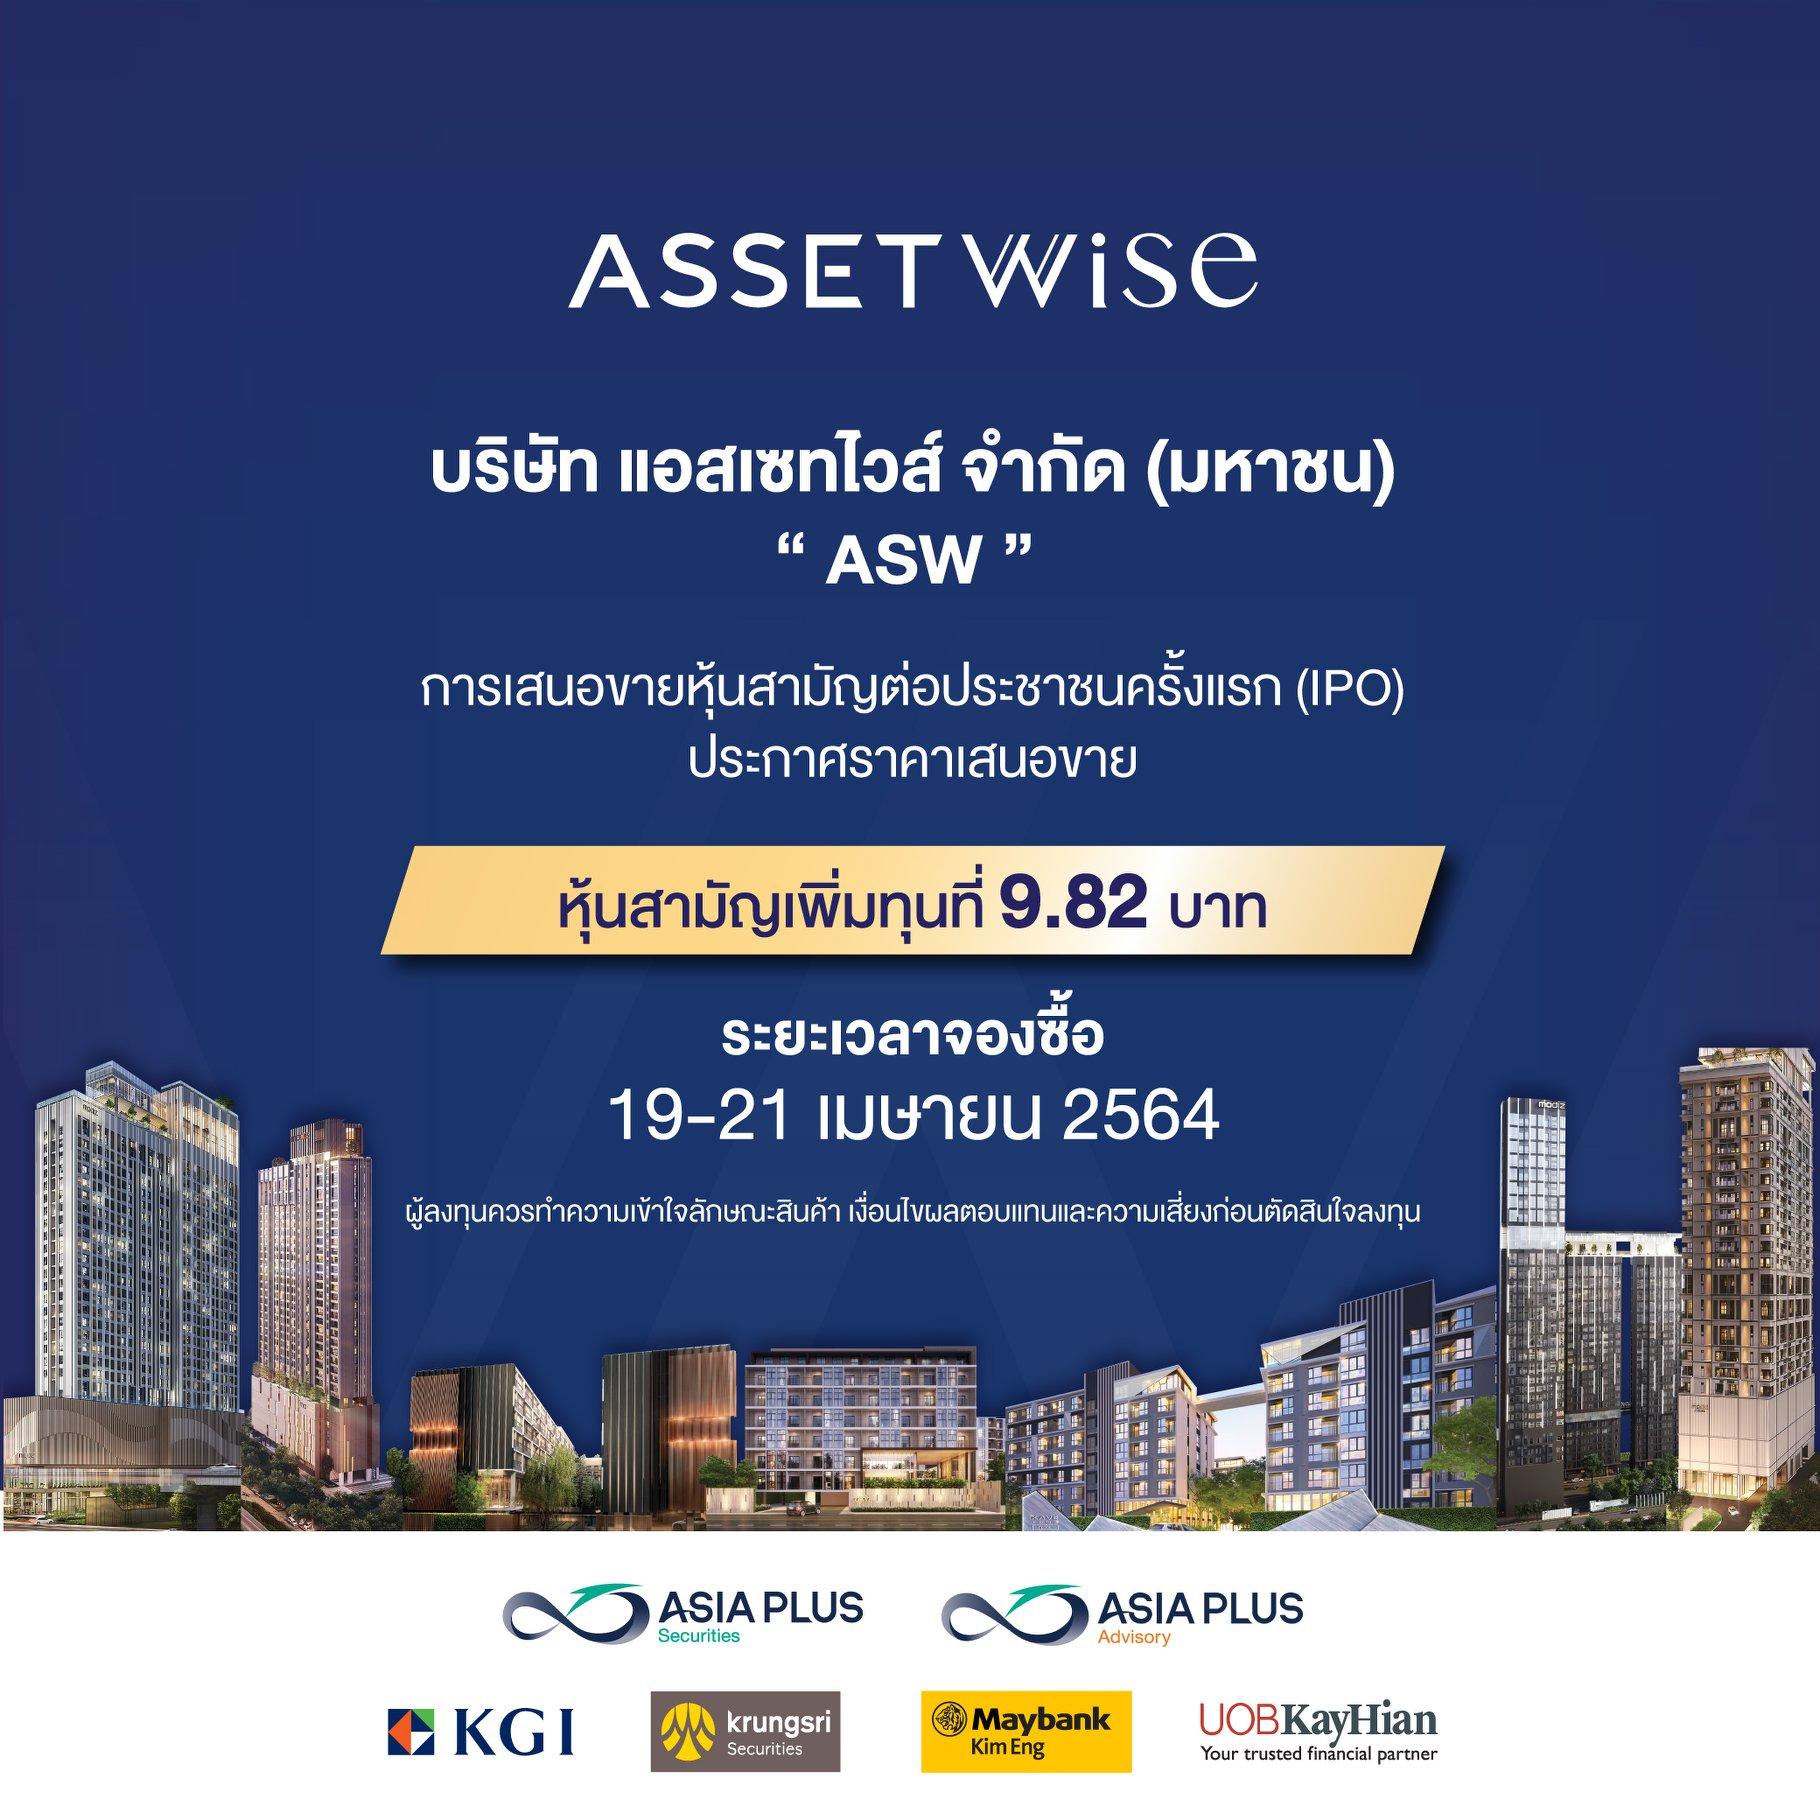 """บริษัท แอสเซทไวส์ จำกัด (มหาชน) """"ASW"""" ประกาศราคาเสนอขายหุ้นสามัญเพิ่มทุนที่ 9.82 บาท"""